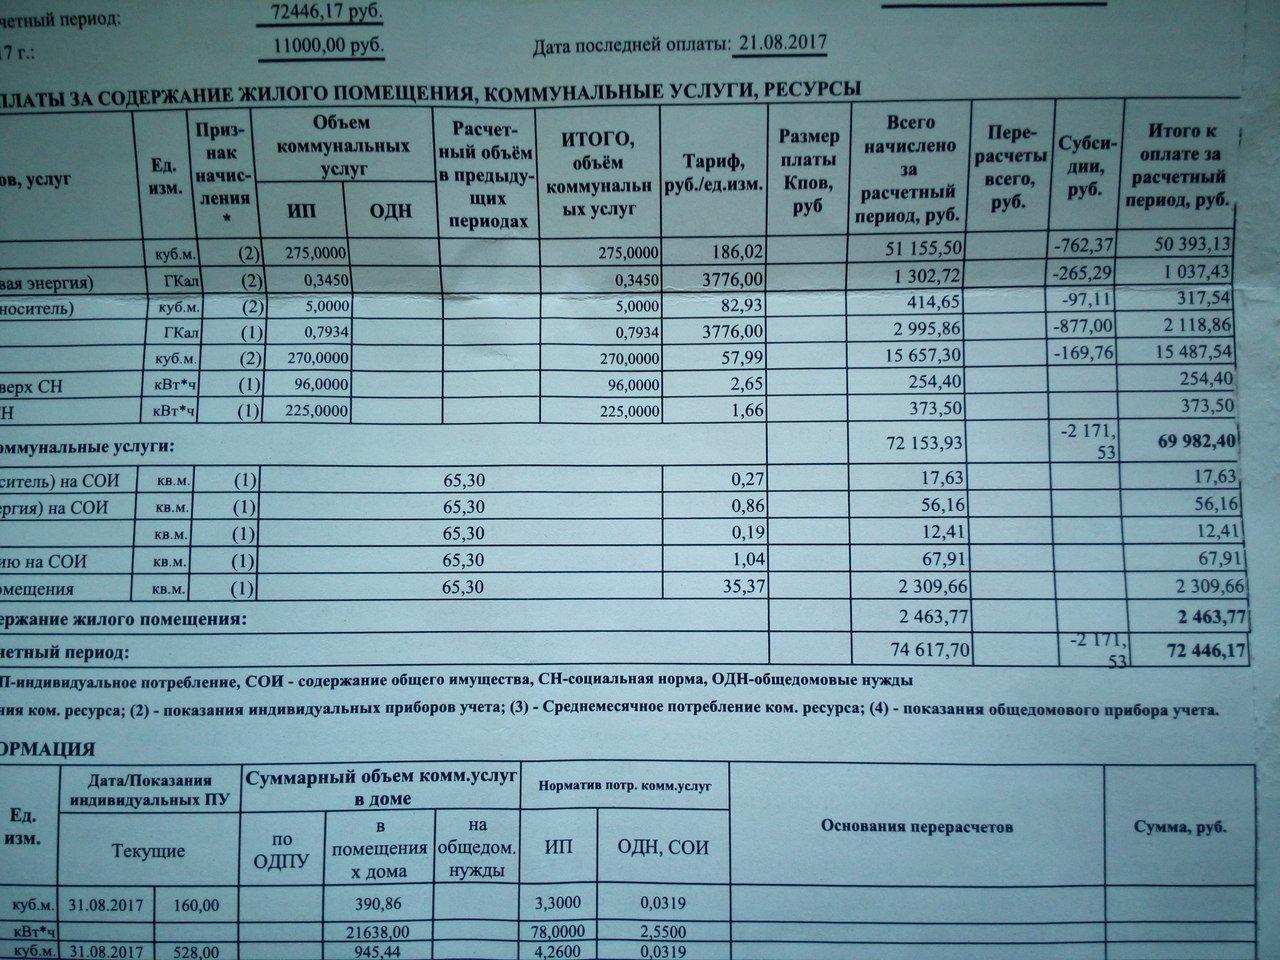 Браконьер наловил рыбы на озере Сиваш на 100 тысяч гривен, - ГПСУ - Цензор.НЕТ 6464